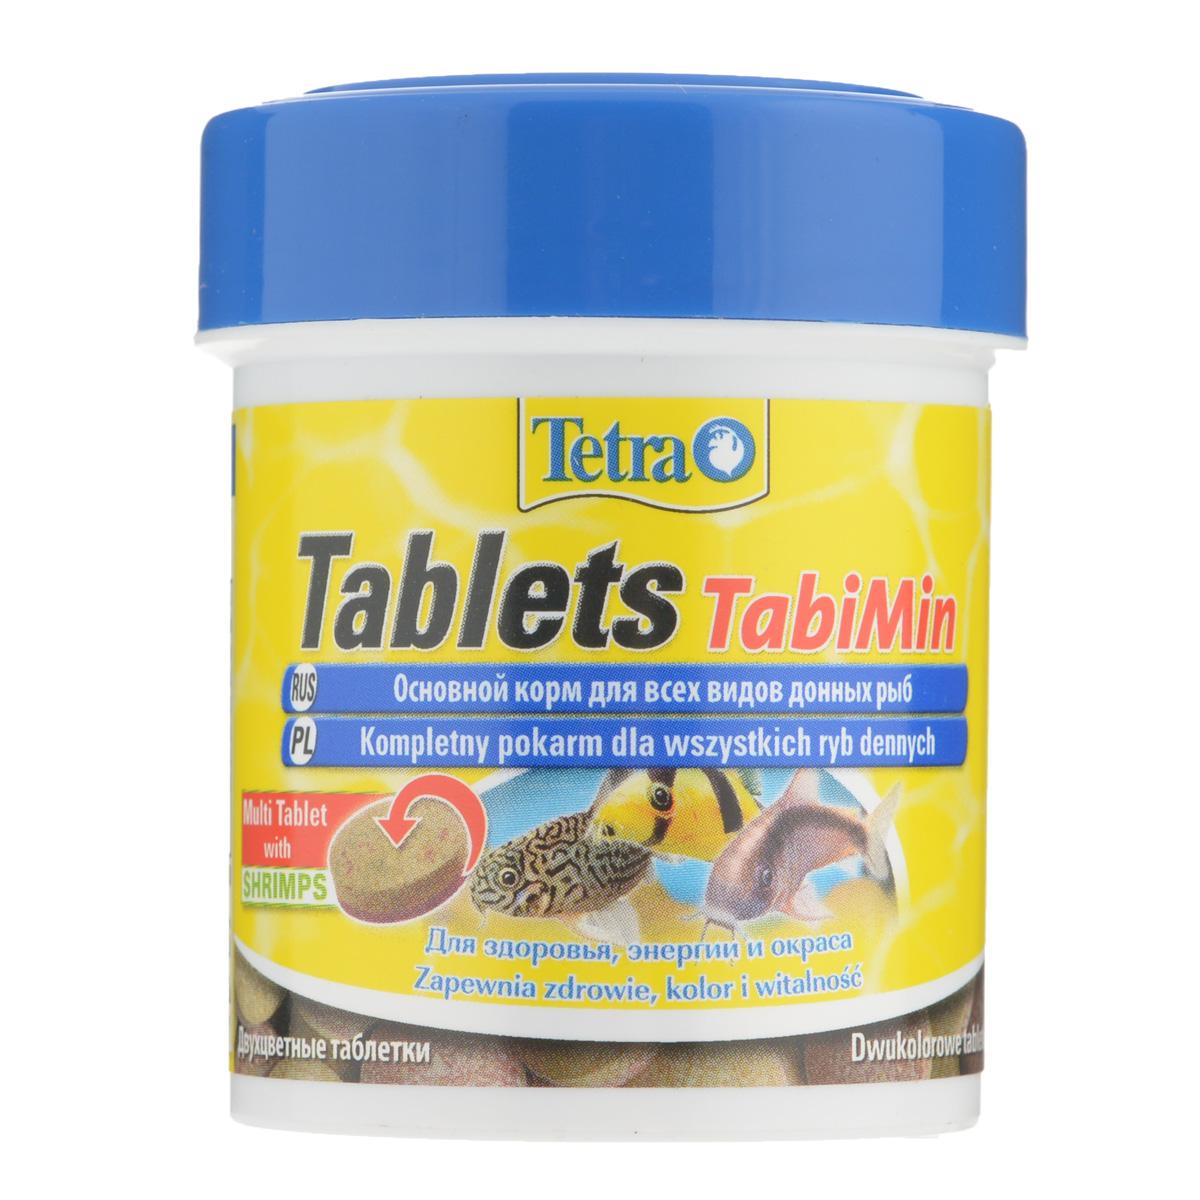 Корм сухой Tetra Tablets TabiMin для всех видов донных рыб, в виде таблеток, 120 таблеток12171996Корм Tetra Tablets TabiMin - это сбалансированные питательные таблетки для всех видов донных рыб. Оптимальное разнообразное питание для донных, а также пугливых рыб.Рекомендации по кормлению: давайте такое количество корма, которое рыба может съесть приблизительно за 30 минут. Используйте только в больших аквариумах. Характеристики: Состав: молоко и молочные продукты, рыба и побочные рыбные продукты, экстракты растительного белка, зерновые культуры, дрожжи, моллюски и раки (креветки 5%), масла и жиры, сахар, минеральные вещества, водоросли.Пищевая ценность: сырой белок - 40%, сырые масла и жиры - 6%, сырая клетчатка - 2,0%, влага - 9%.Добавки: витамины, провитамины и химические вещества с аналогичным воздействием: витамин А 22280 МЕ/кг, витамин Д3 1390 МЕ/кг. Комбинации элементов: Е5 Марганец 30 мг/кг, Е6 Цинк 18 мг/кг, Е1 Железо 12 мг/кг, Е3 Кобальт 0,2 мг/кг. Красители, антиоксиданты. Вес: 120 таблеток (66 мл, 36 г).